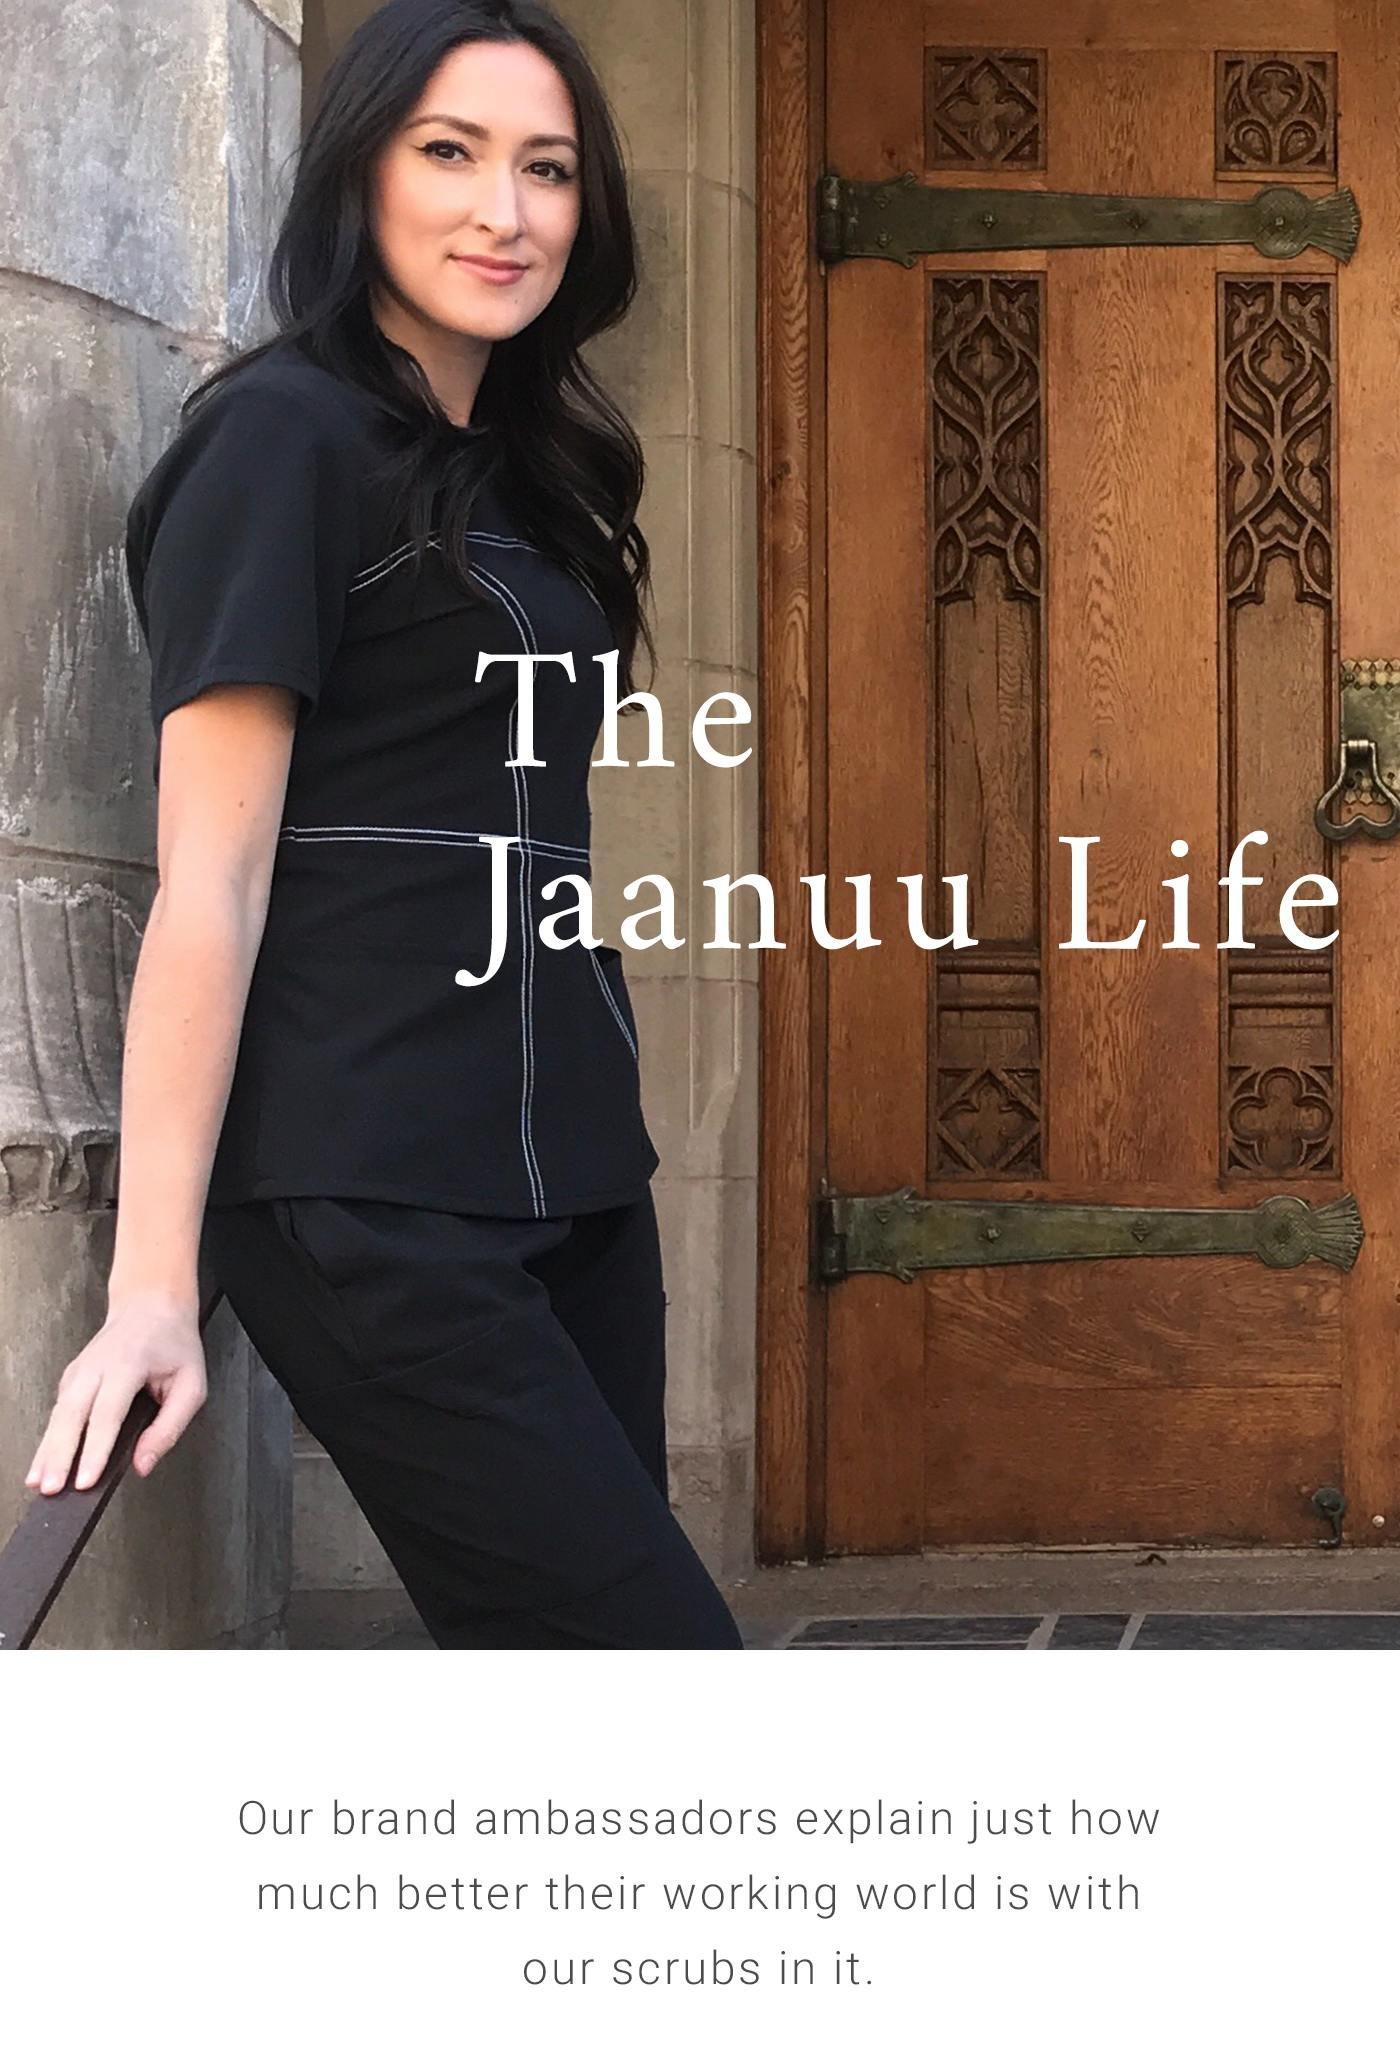 The Jaanuu Life